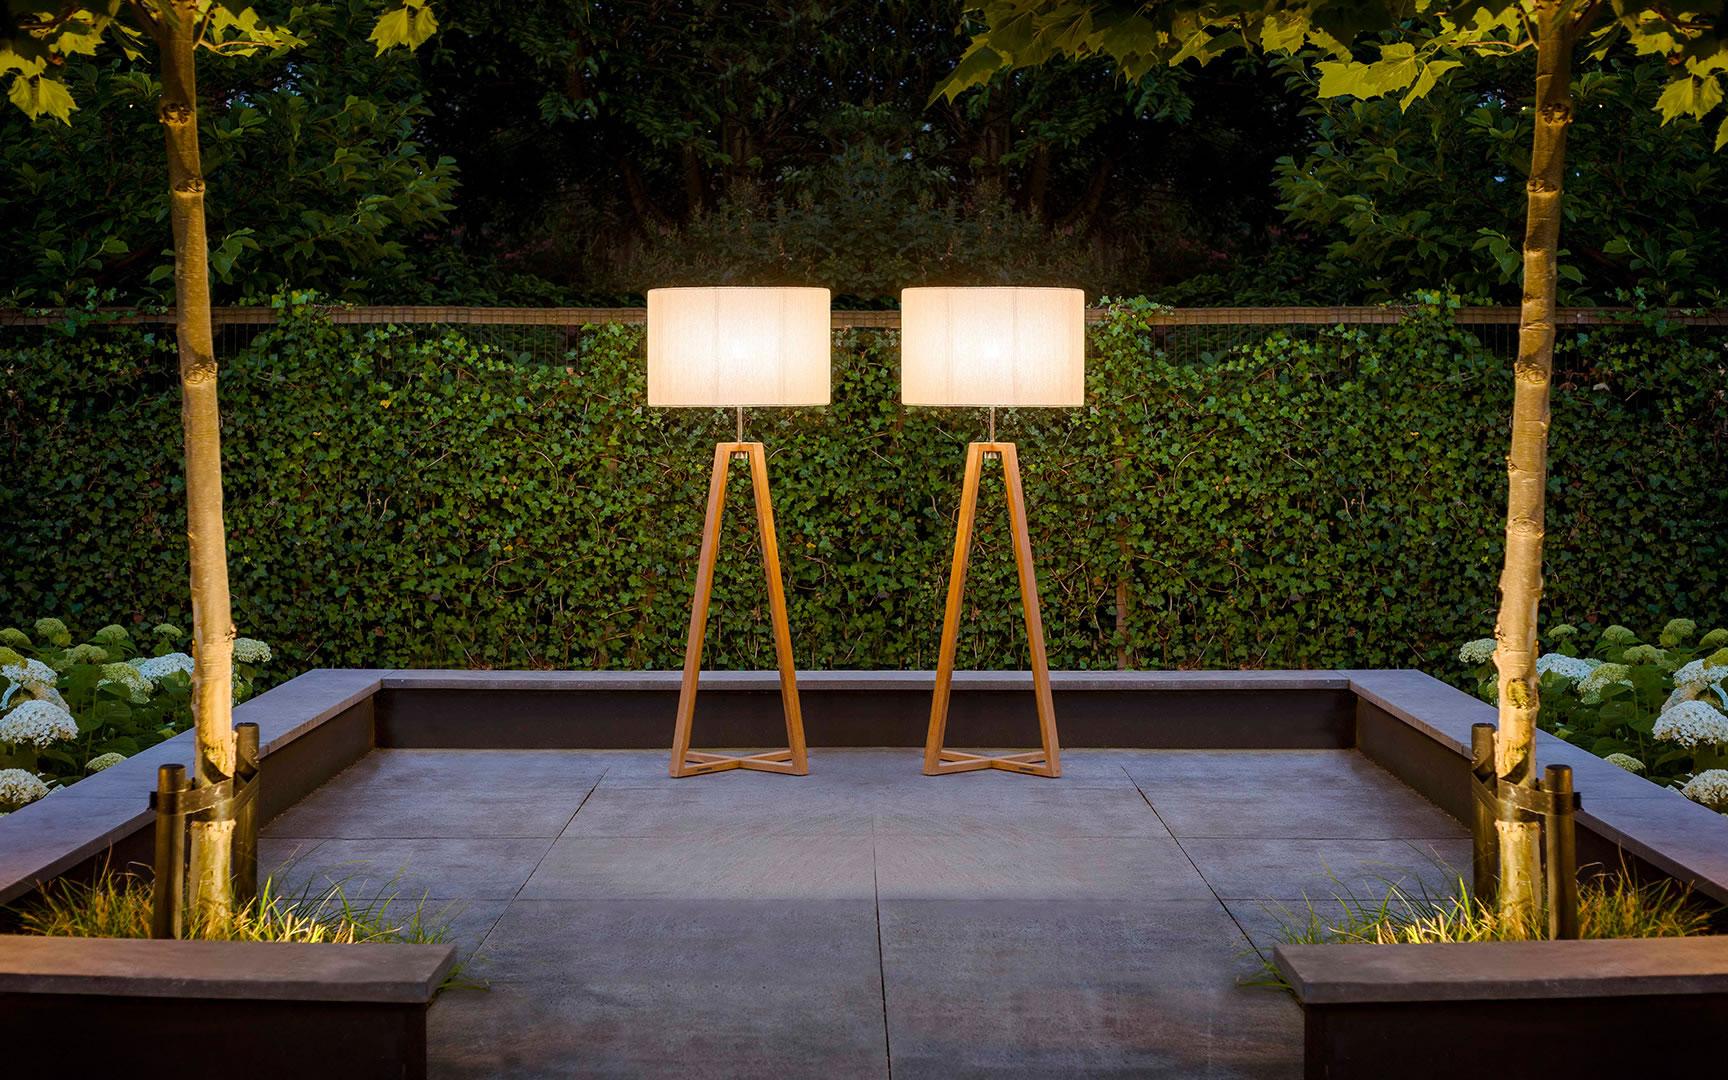 Beste Luxe tuinverlichting - Ernst Baas Tuininrichting   Design Tuinmeubelen HL-17